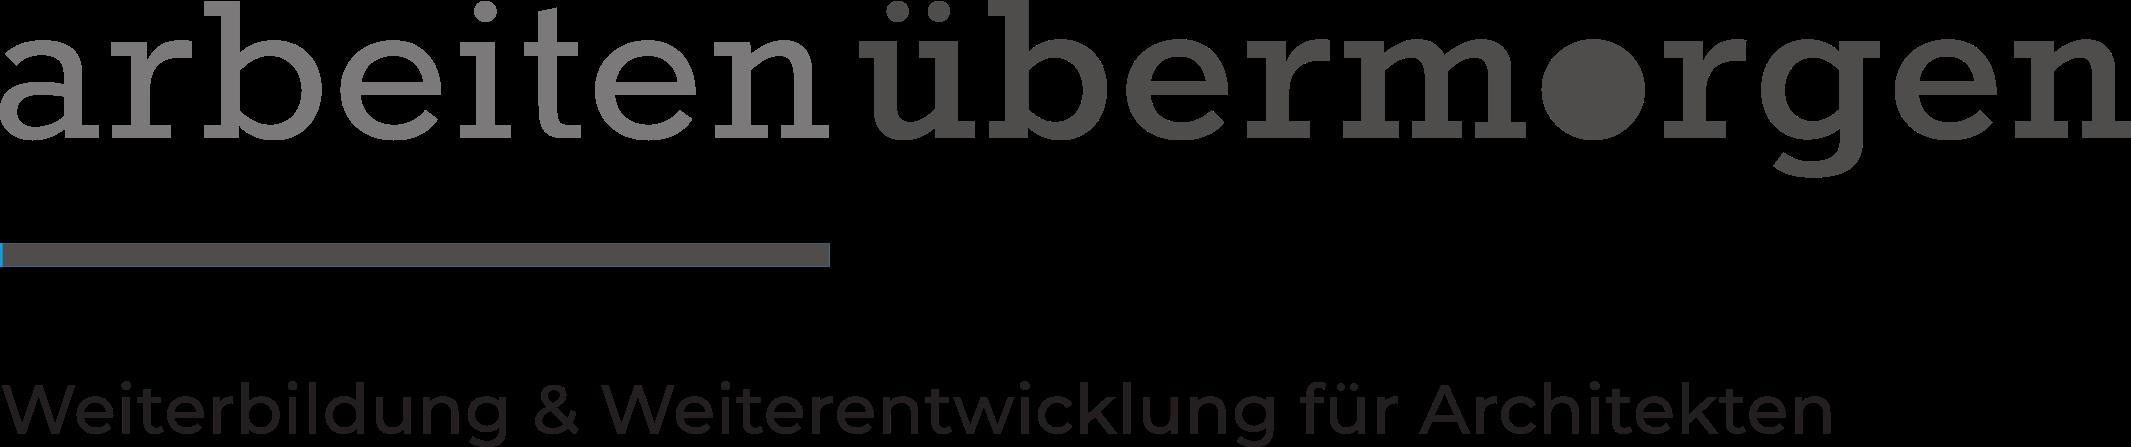 Logo arbeiten übermorgen